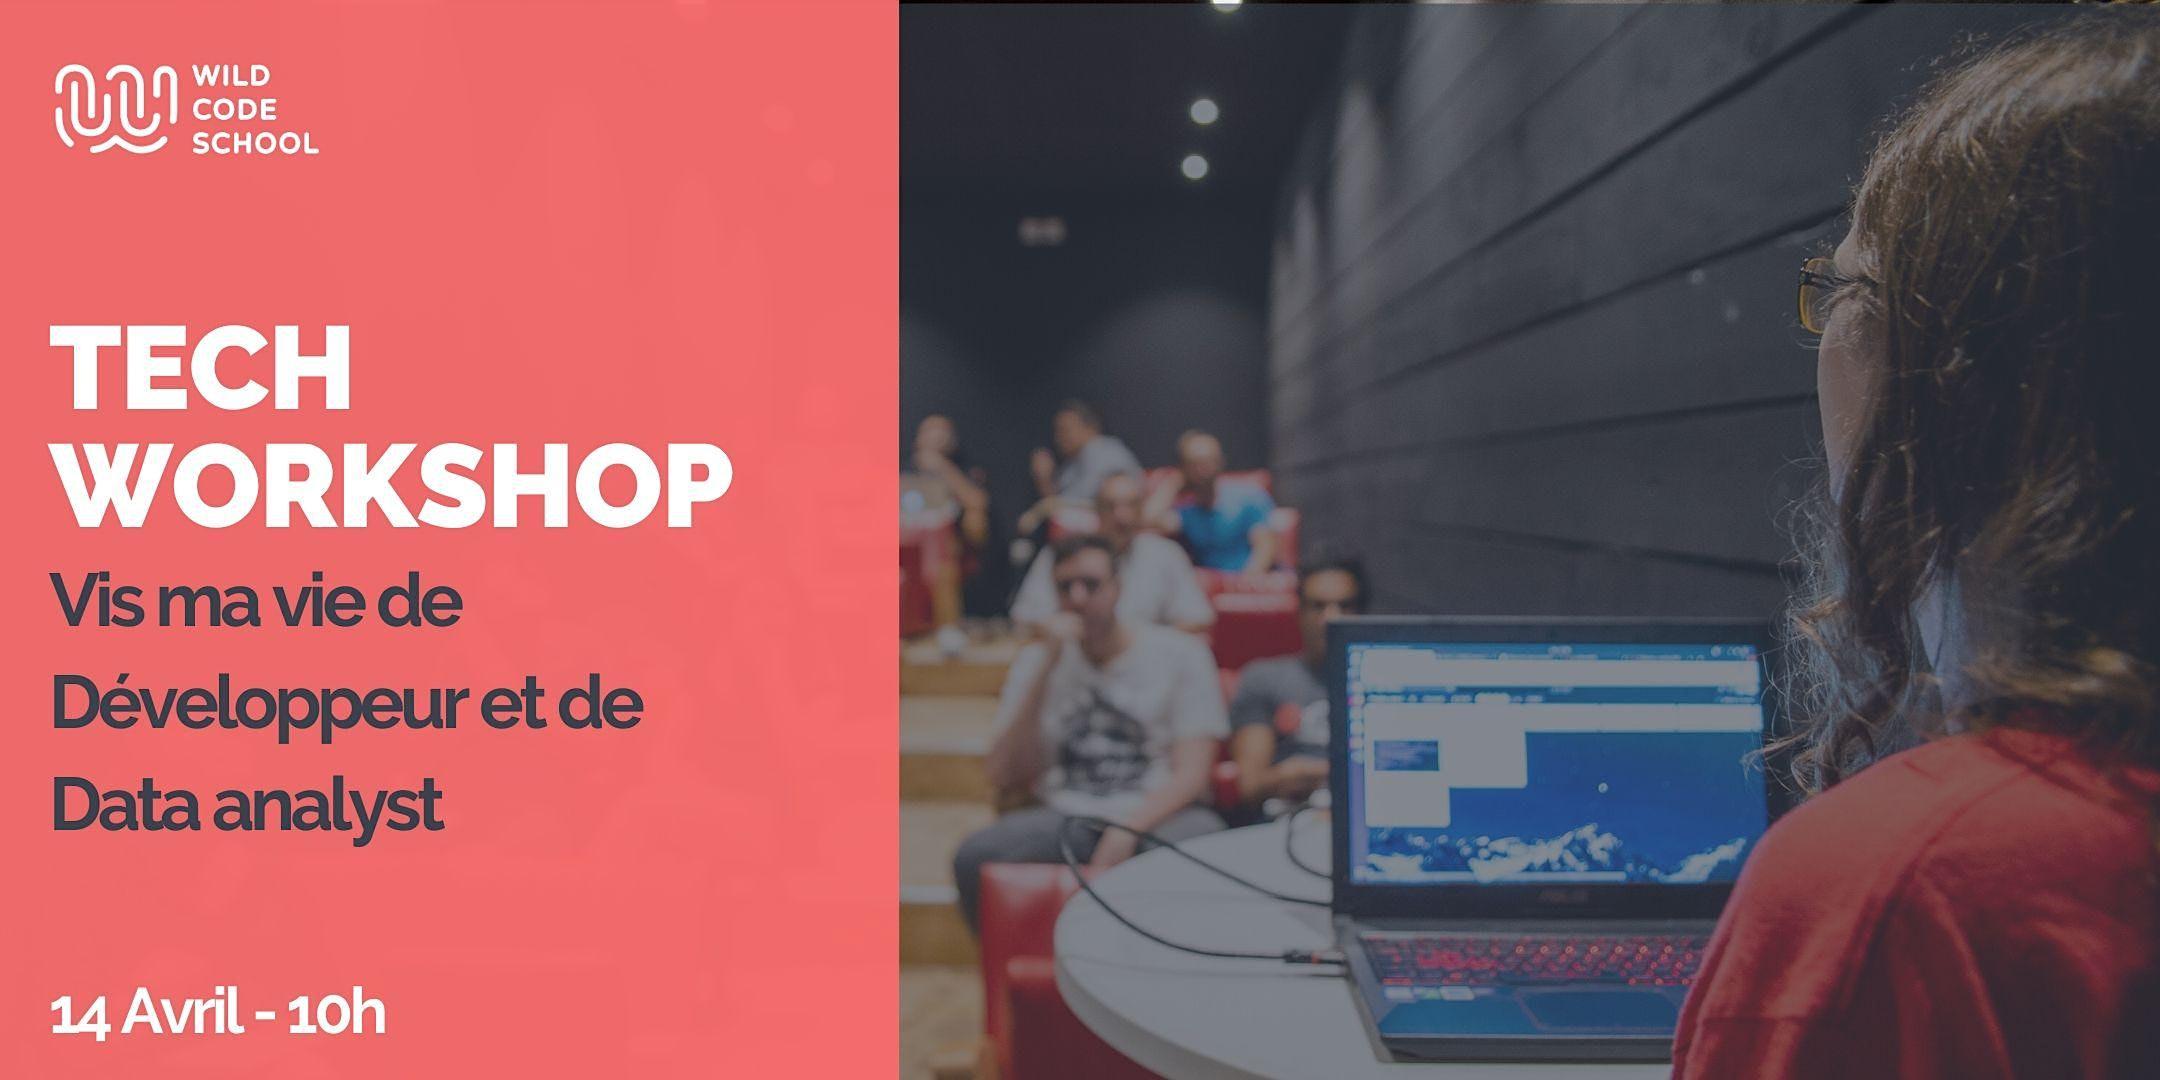 Tech Workshop  -  Vis ma vie de Développeur et de Data analyst